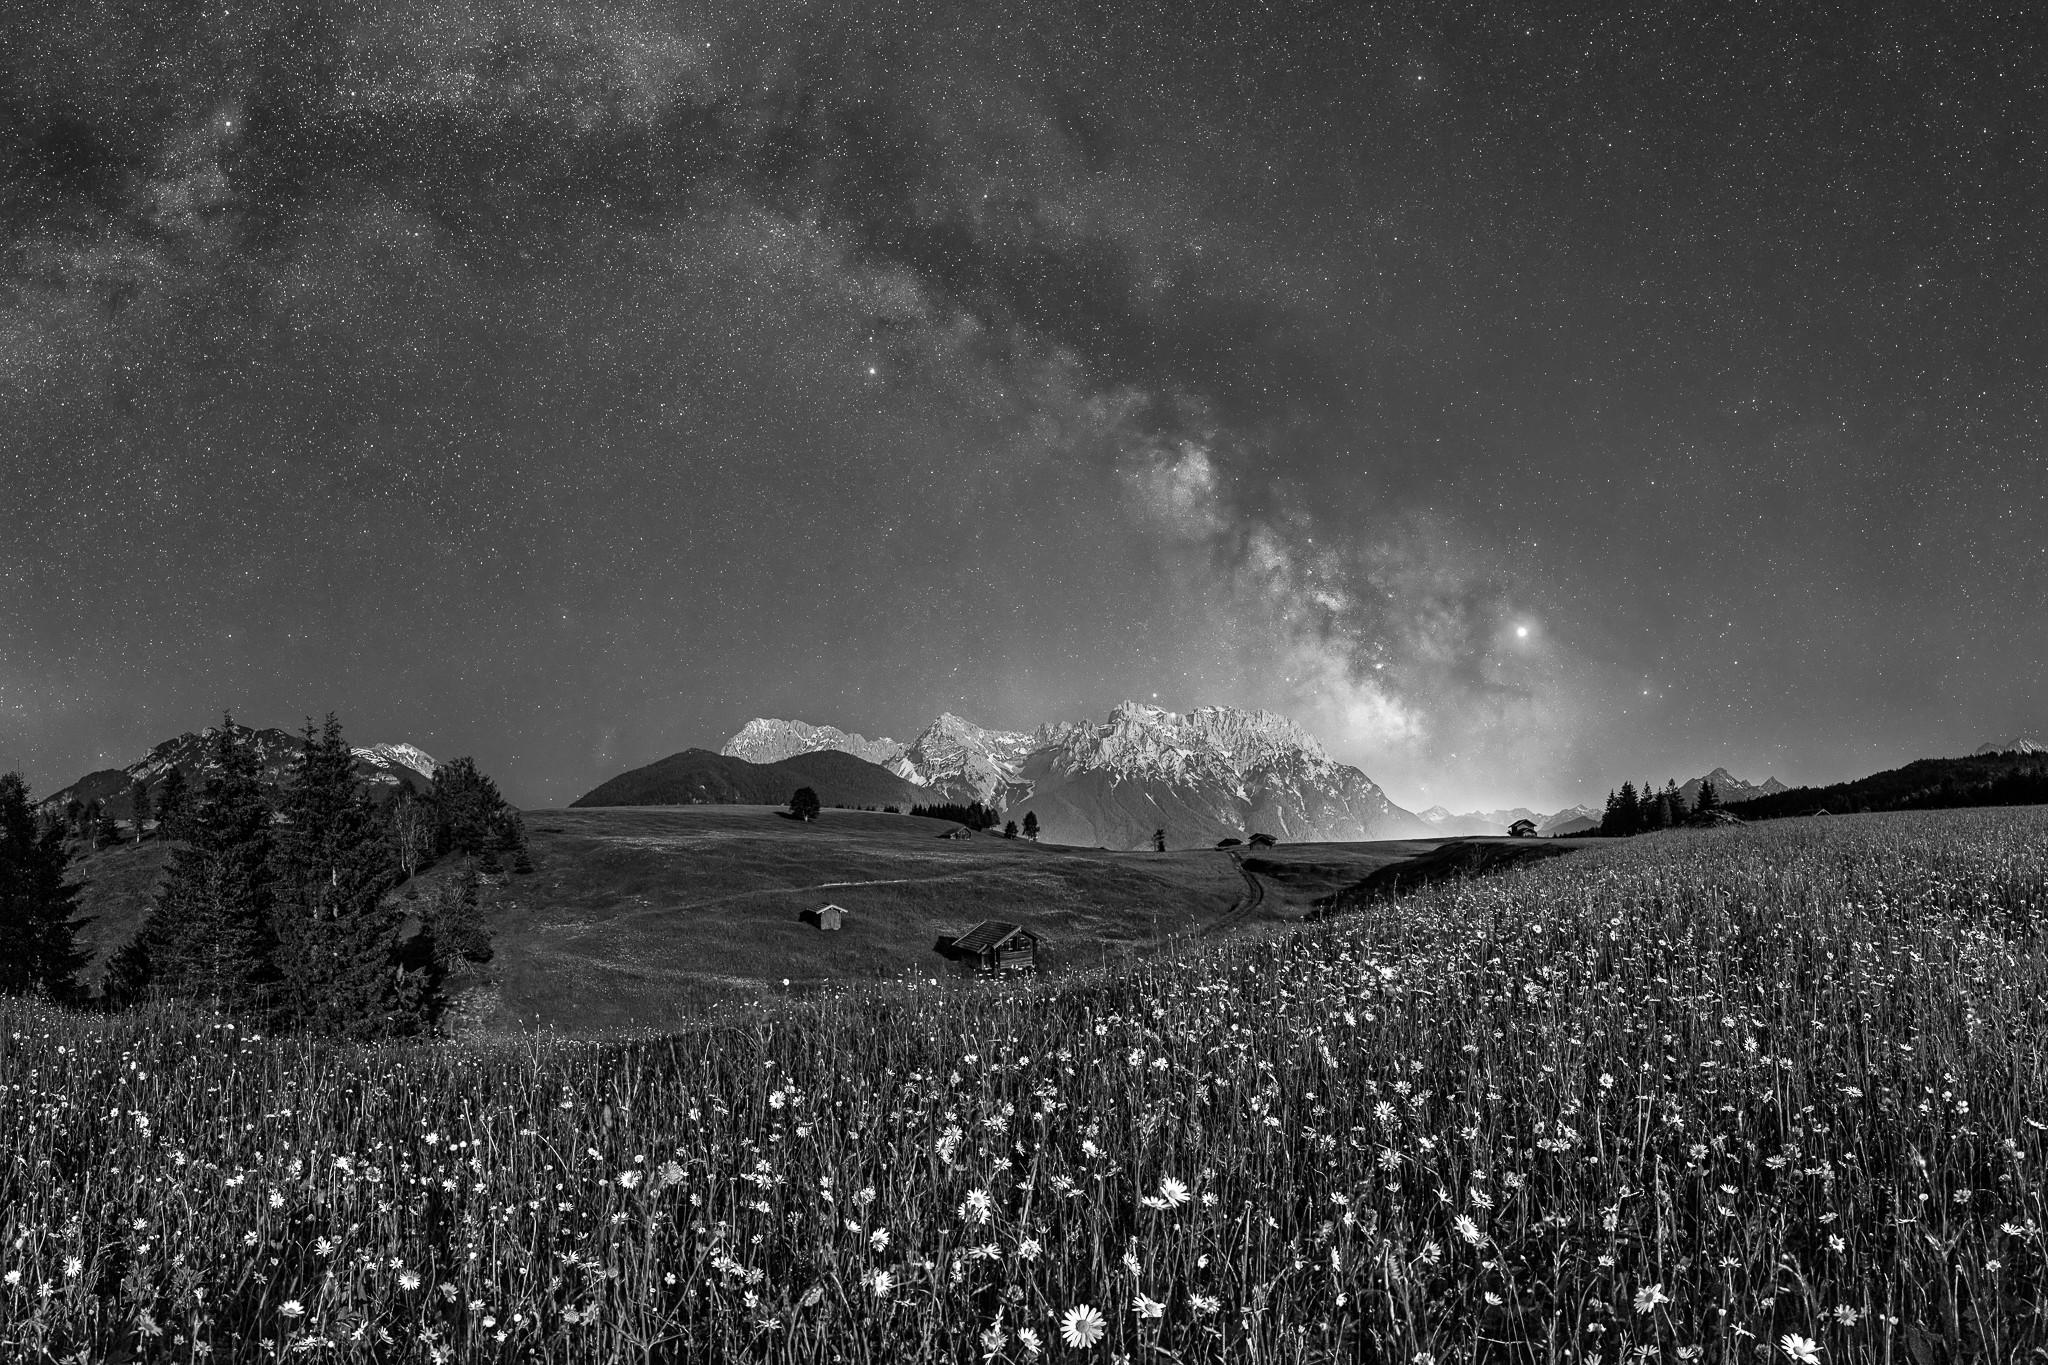 Schwarz-Weiß - Sommerwiese auf den Buckelwiesen bei Mittenwald bei Nacht. Der untergehende Mond leuchtet noch die Blumenwiese und die Berge an.